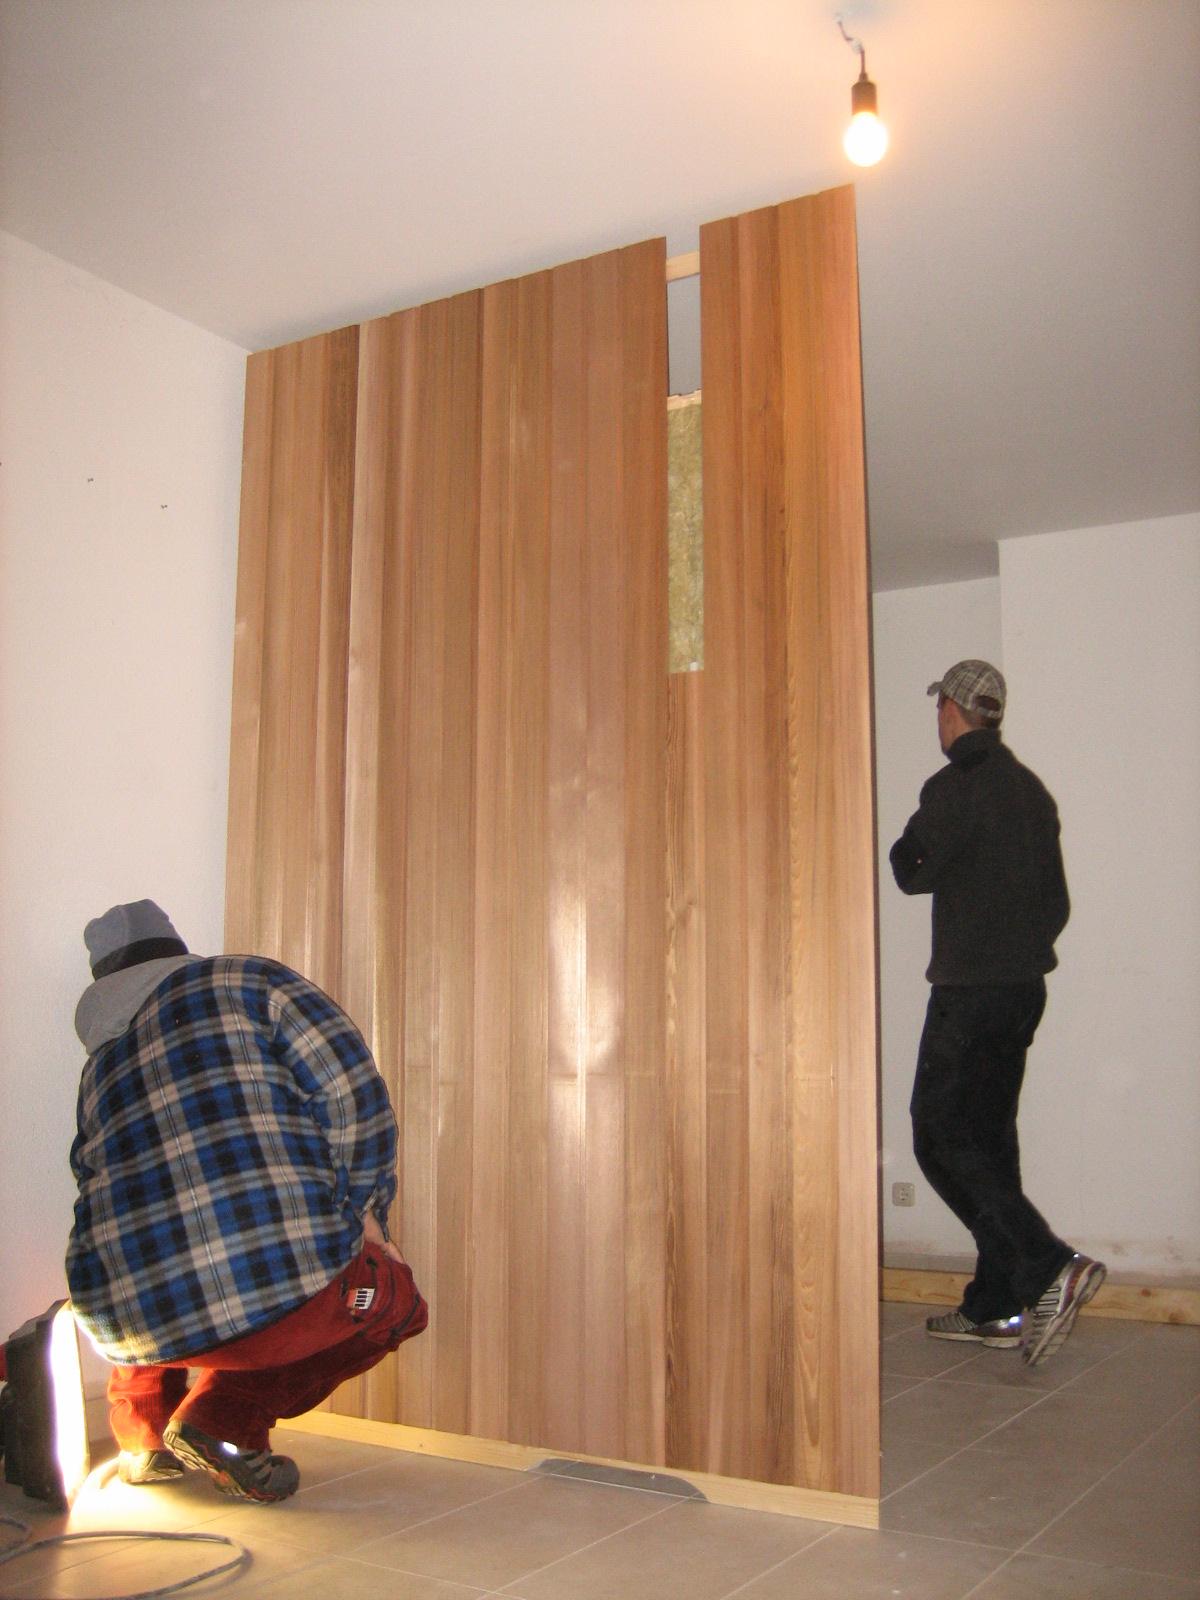 rosas lifestyleblog. Black Bedroom Furniture Sets. Home Design Ideas